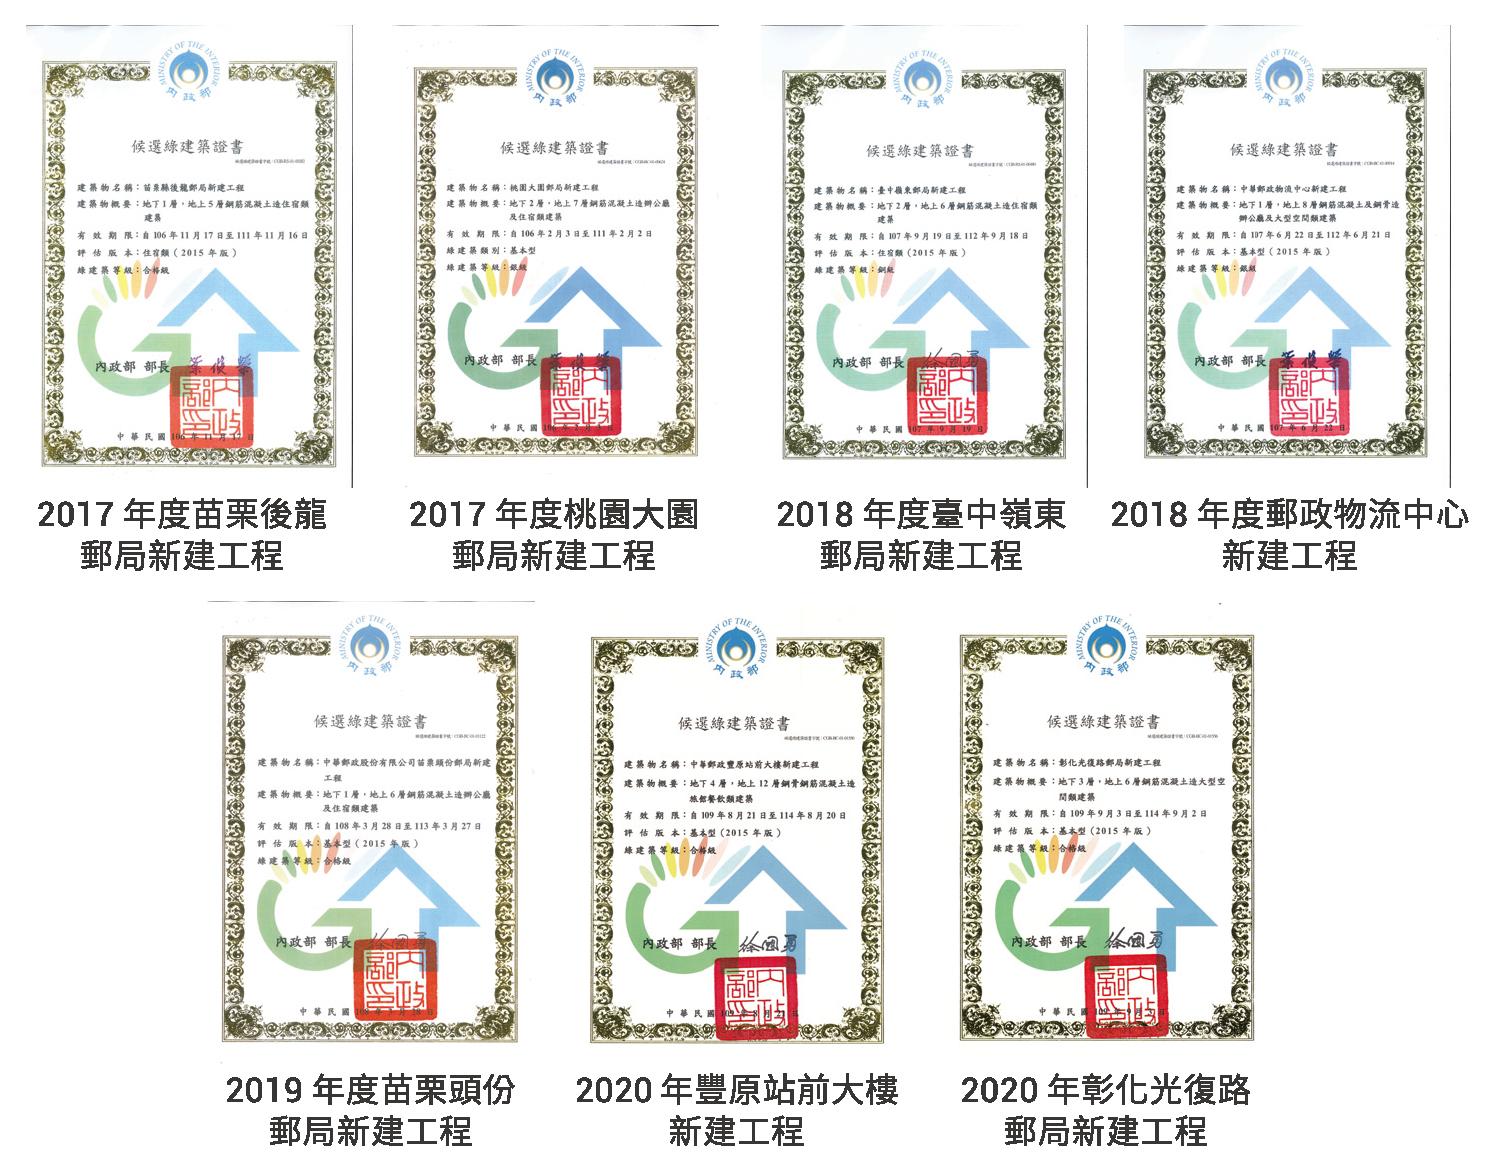 新建工程候選綠建築證書